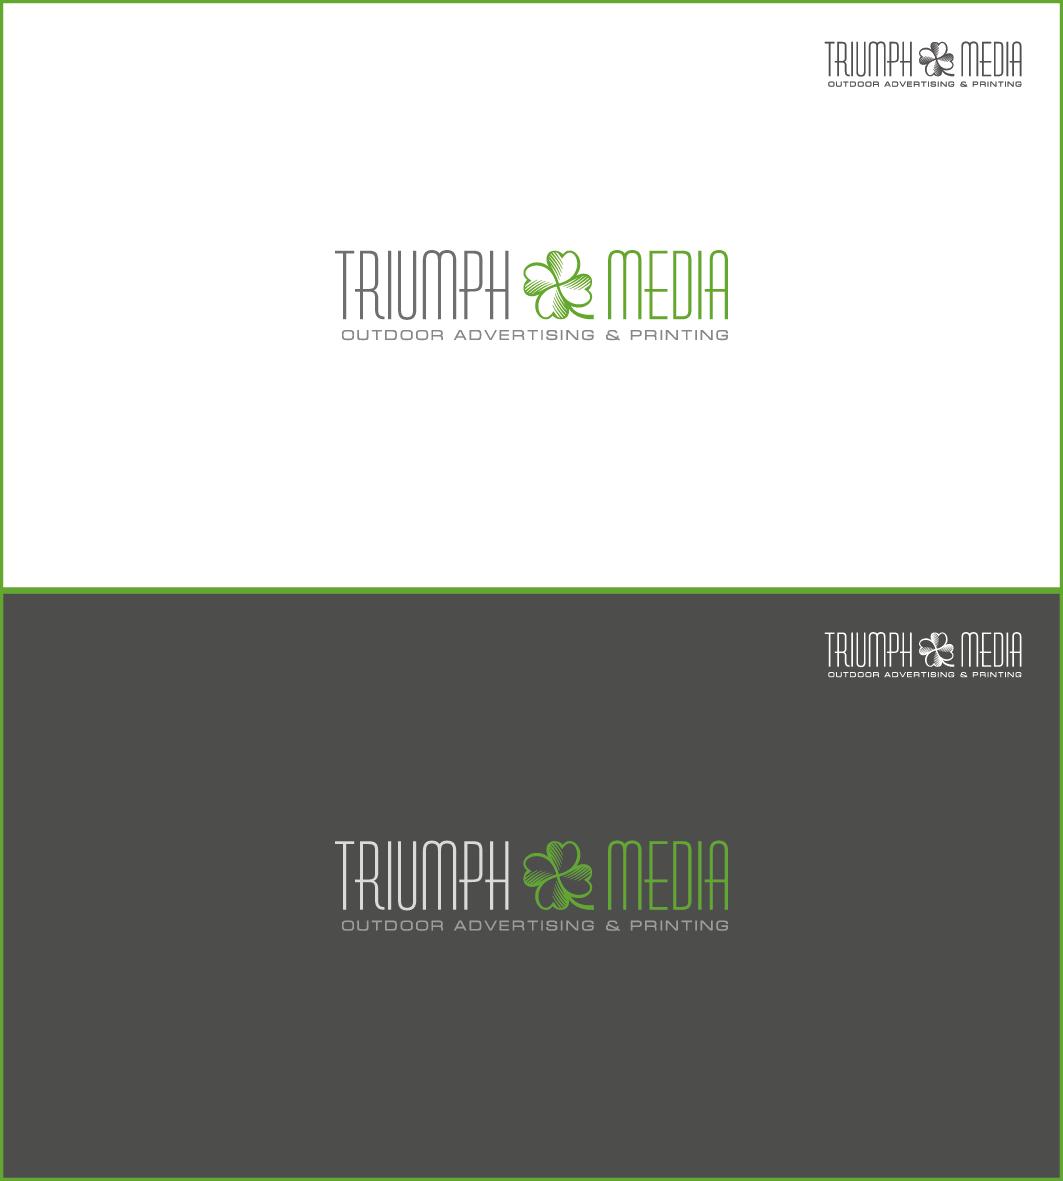 Разработка логотипа  TRIUMPH MEDIA с изображением клевера фото f_50709333d4d23.png